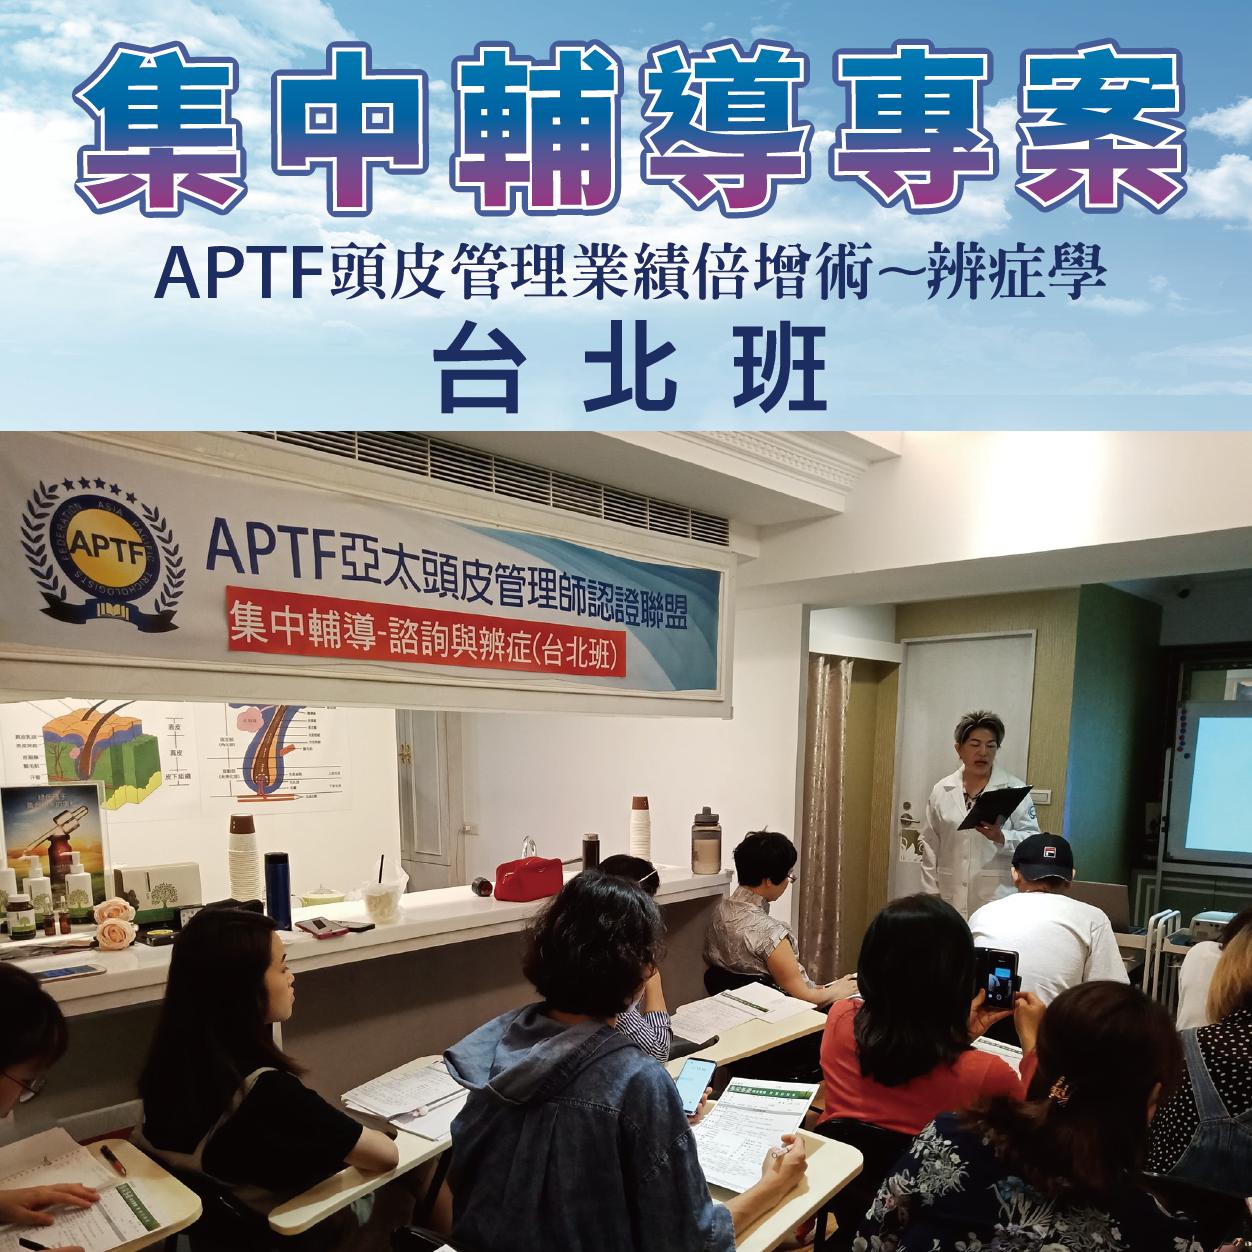 20190822111119_2019-台北-集中輔導課程-02